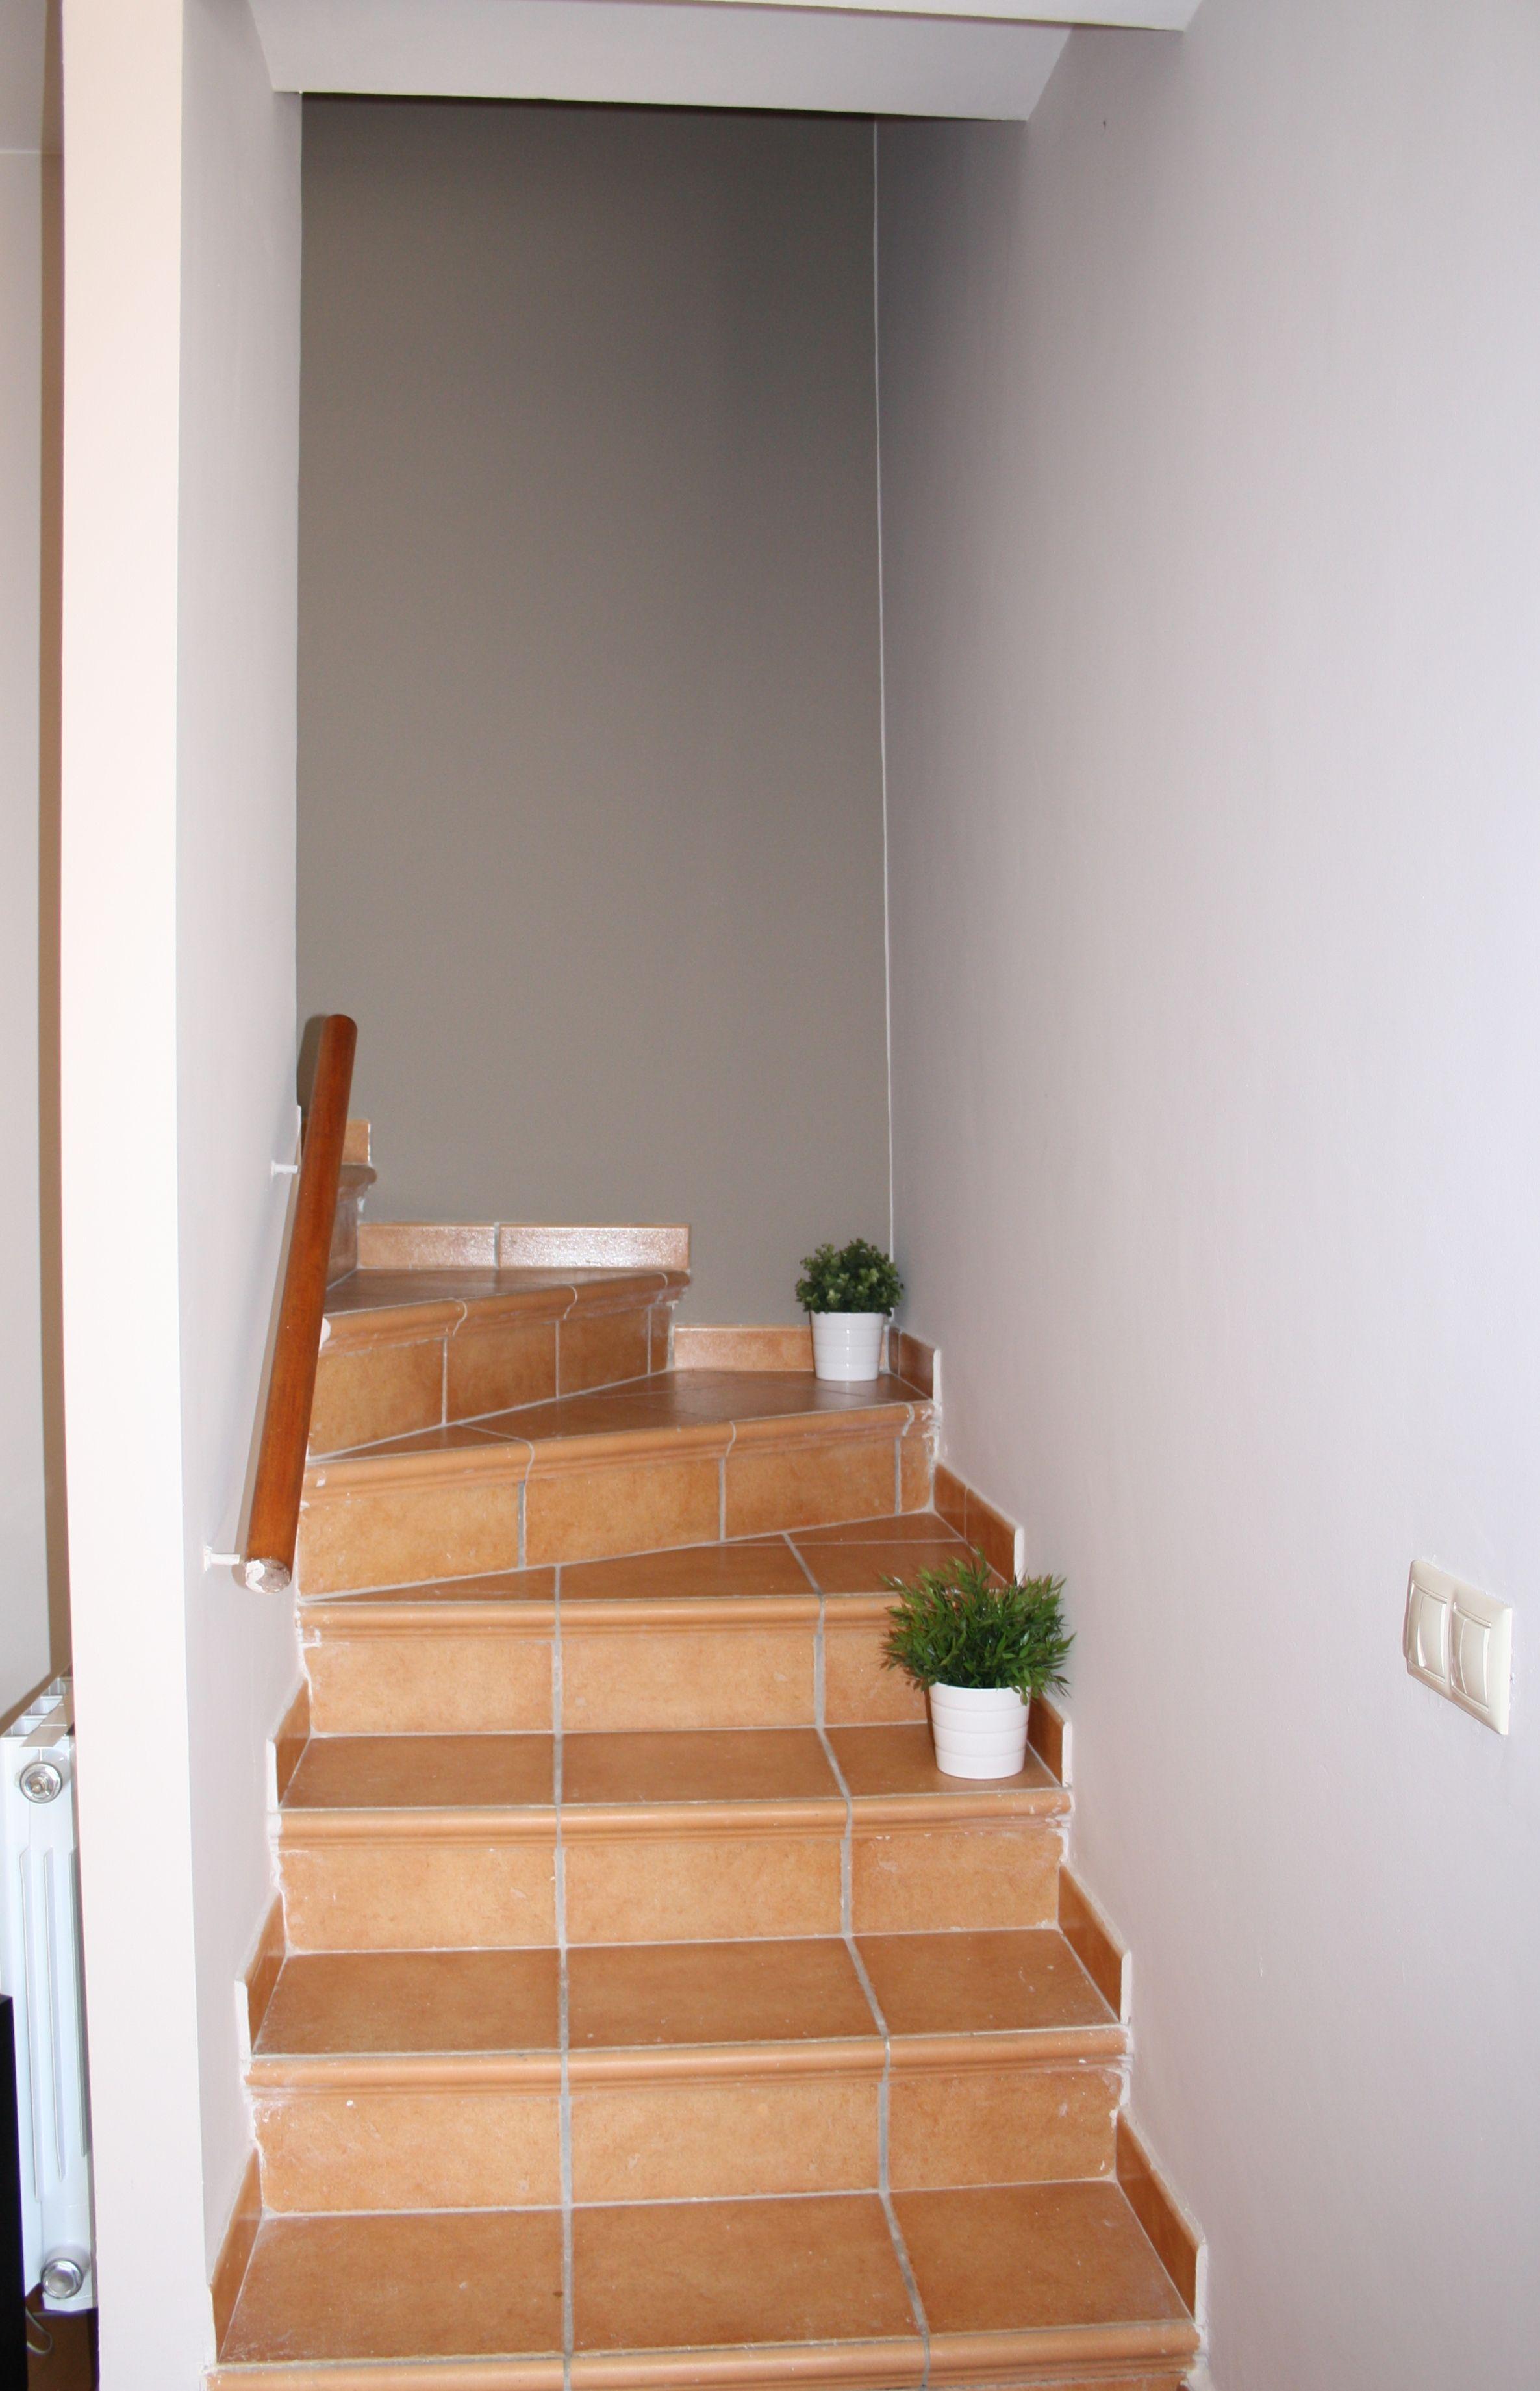 Escaleras con ceramica r stica ideas para escaleras - Modelos de escaleras de caracol para interiores ...